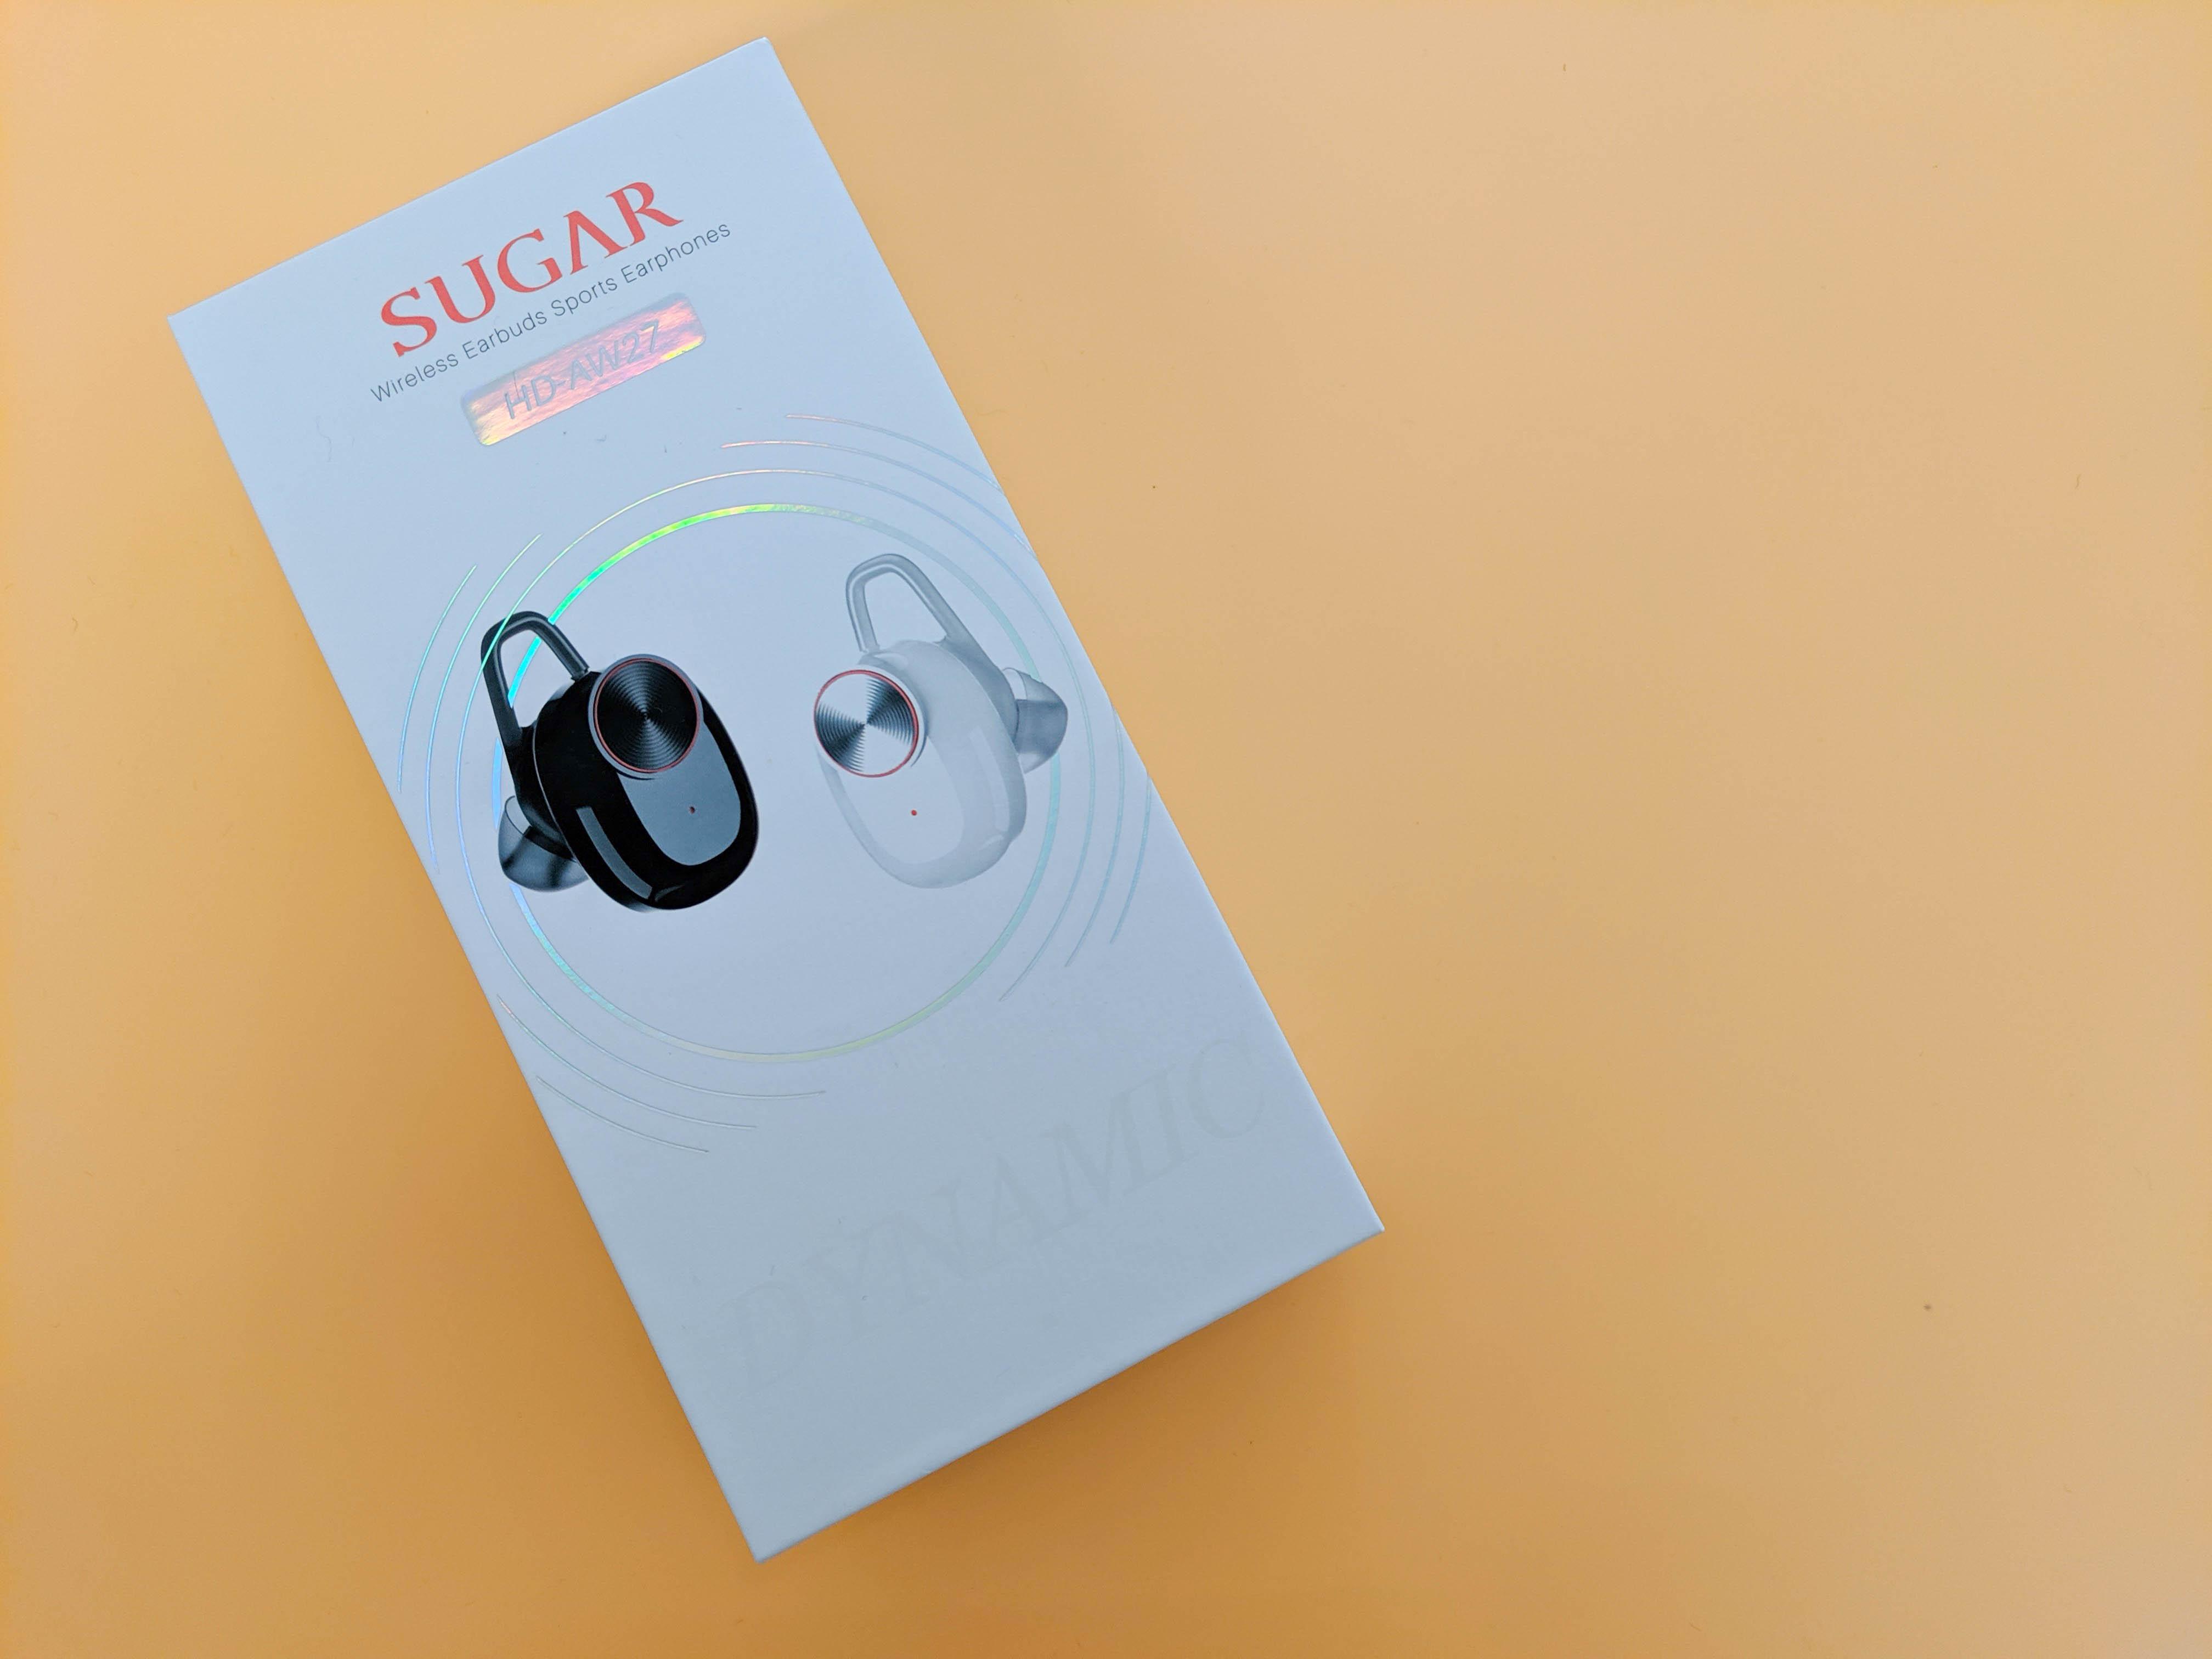 平價真無線值不值得買?SUGAR 真無線藍牙運動耳機 (HD-AW27)